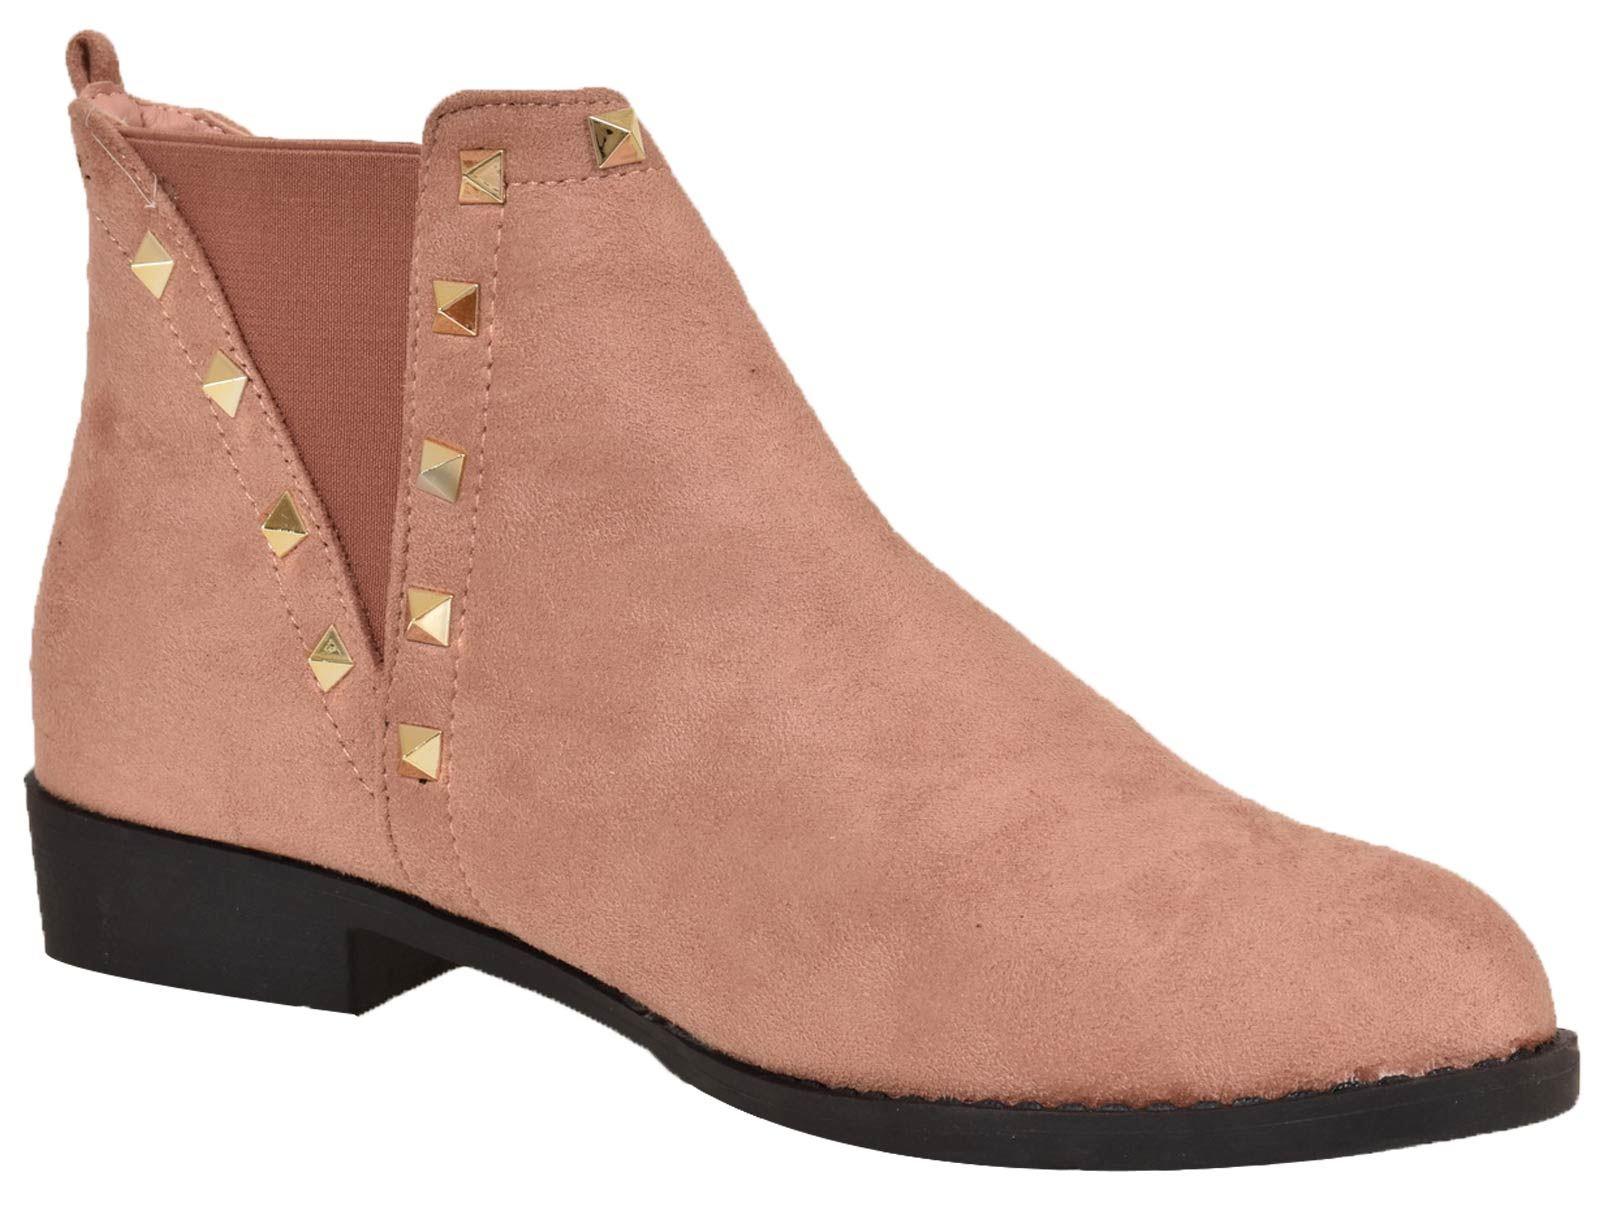 Femmes: chaussures Femmes Bottines Chelsea D'Hiver Femme Bottes Style Motard Talon Bloc Filles Chaussures zamilacindia.com